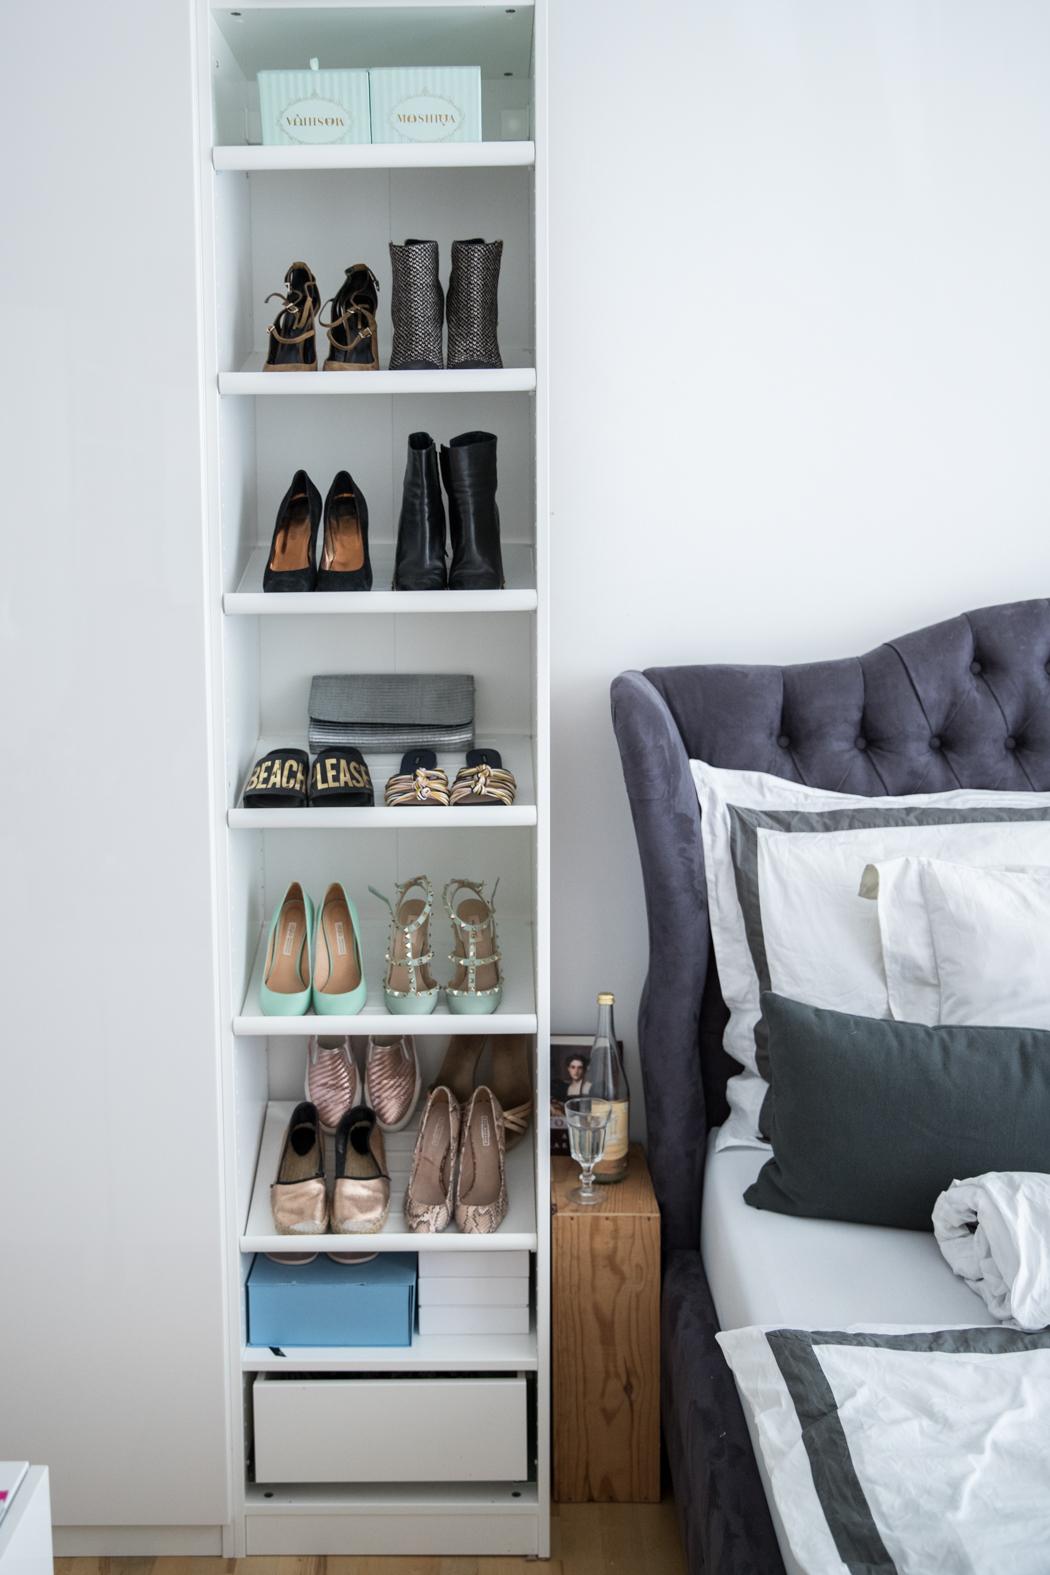 Lifestyle-Lifestyleblog-Blog-Blogger-Muenchen-Deutschland-Interior-Interieur-Schlafzimmer-begehbarer_Kleiderschrank-Lindarella-Schlafzimmer-Ankleidezimmer-7